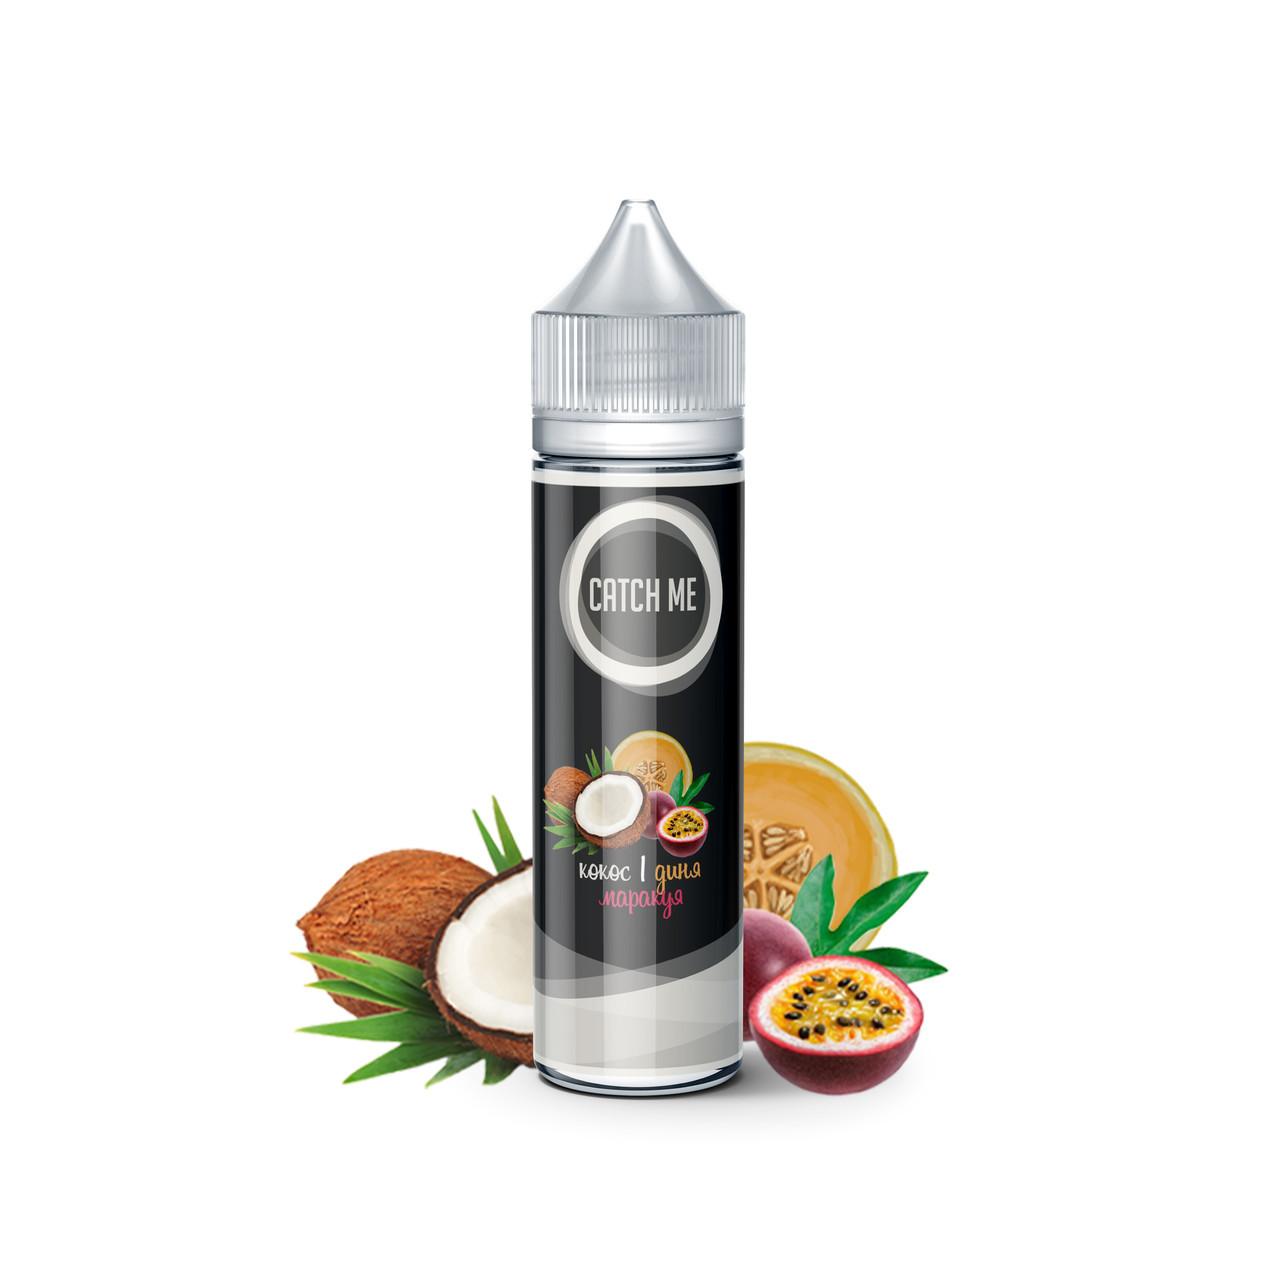 Жидкость для вейпа CATCH ME Кокос дыня и маракуя 60 мл 0 мг